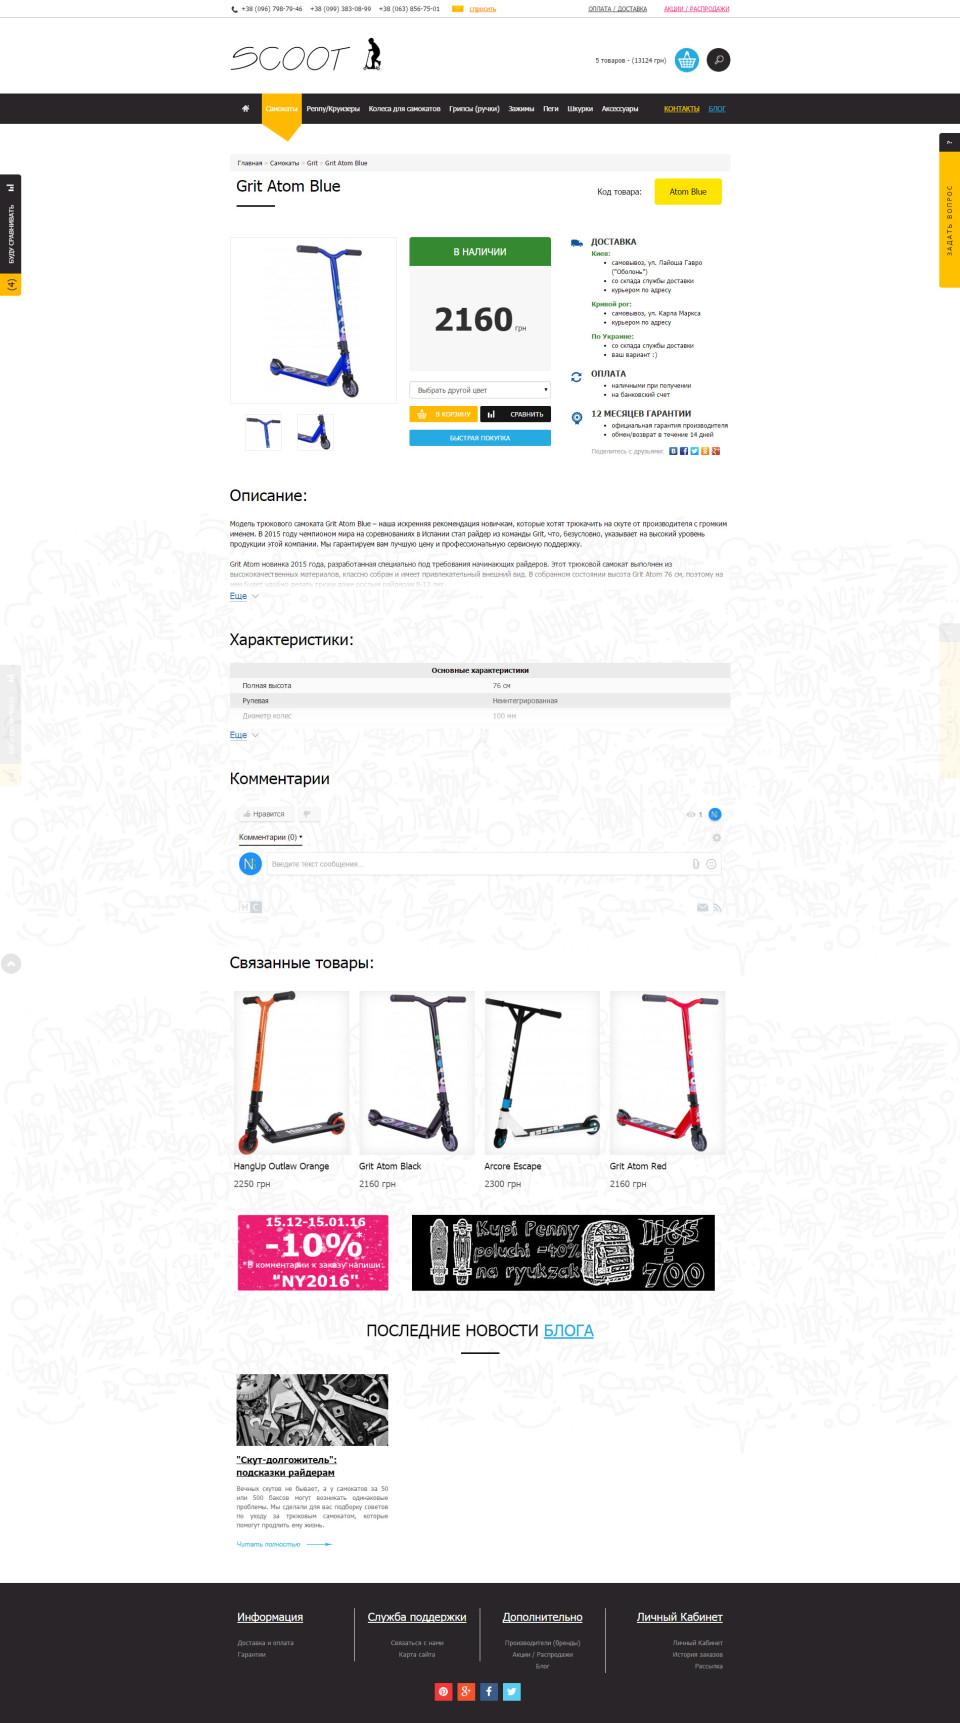 Интернет магазин трюковых самокатов Scoot - Страница продукта